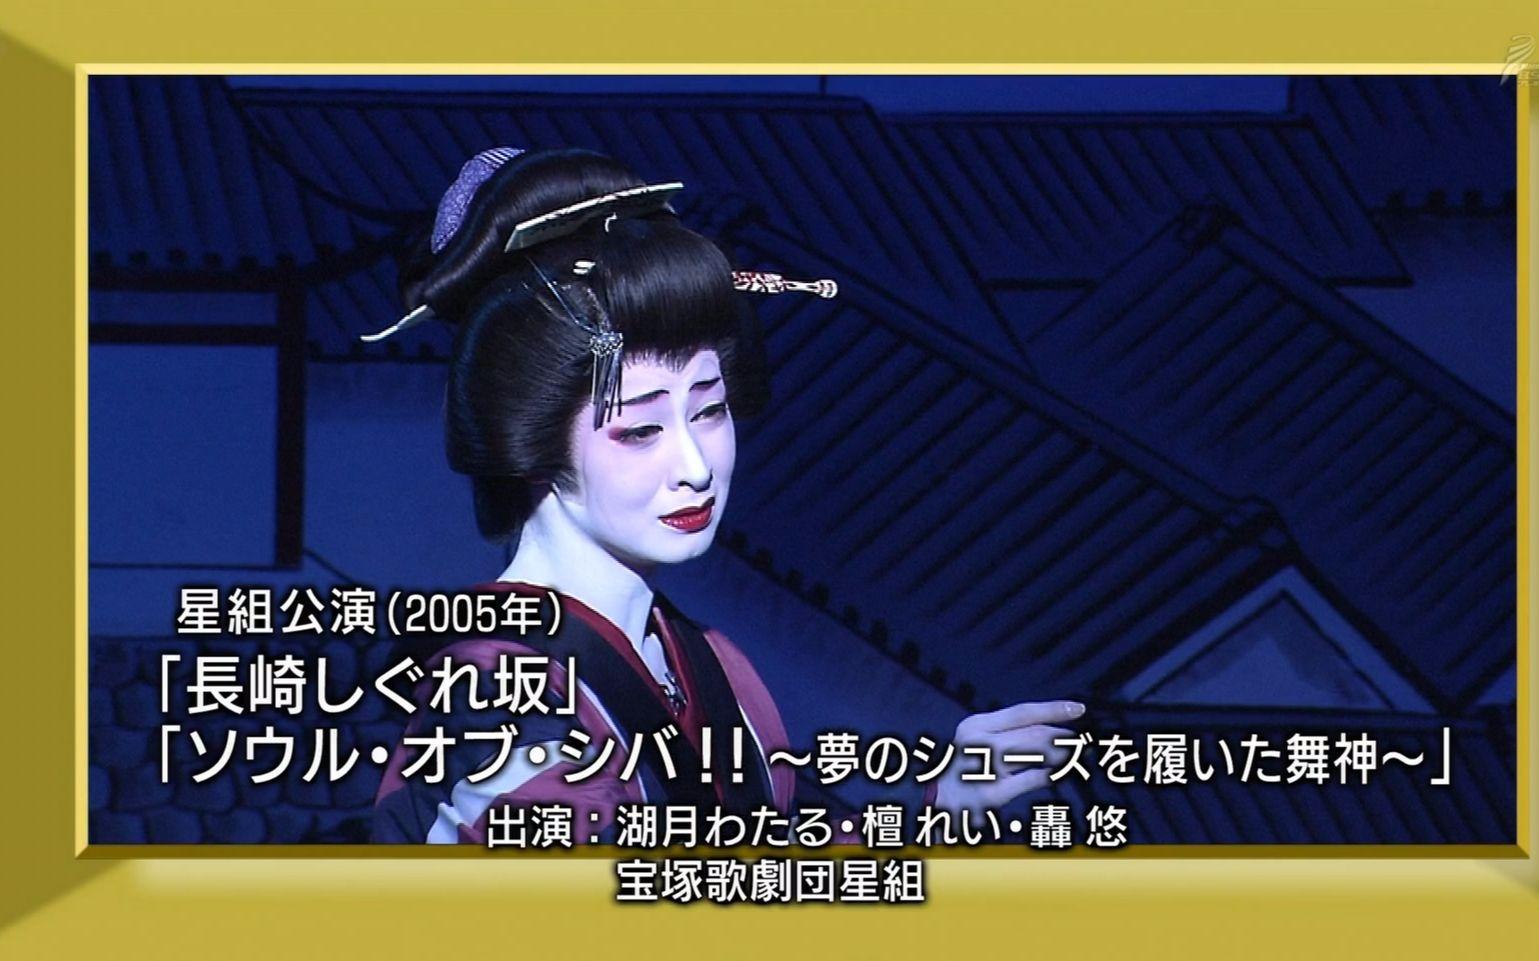 【宝冢】長崎時雨坡 2005星组生肉